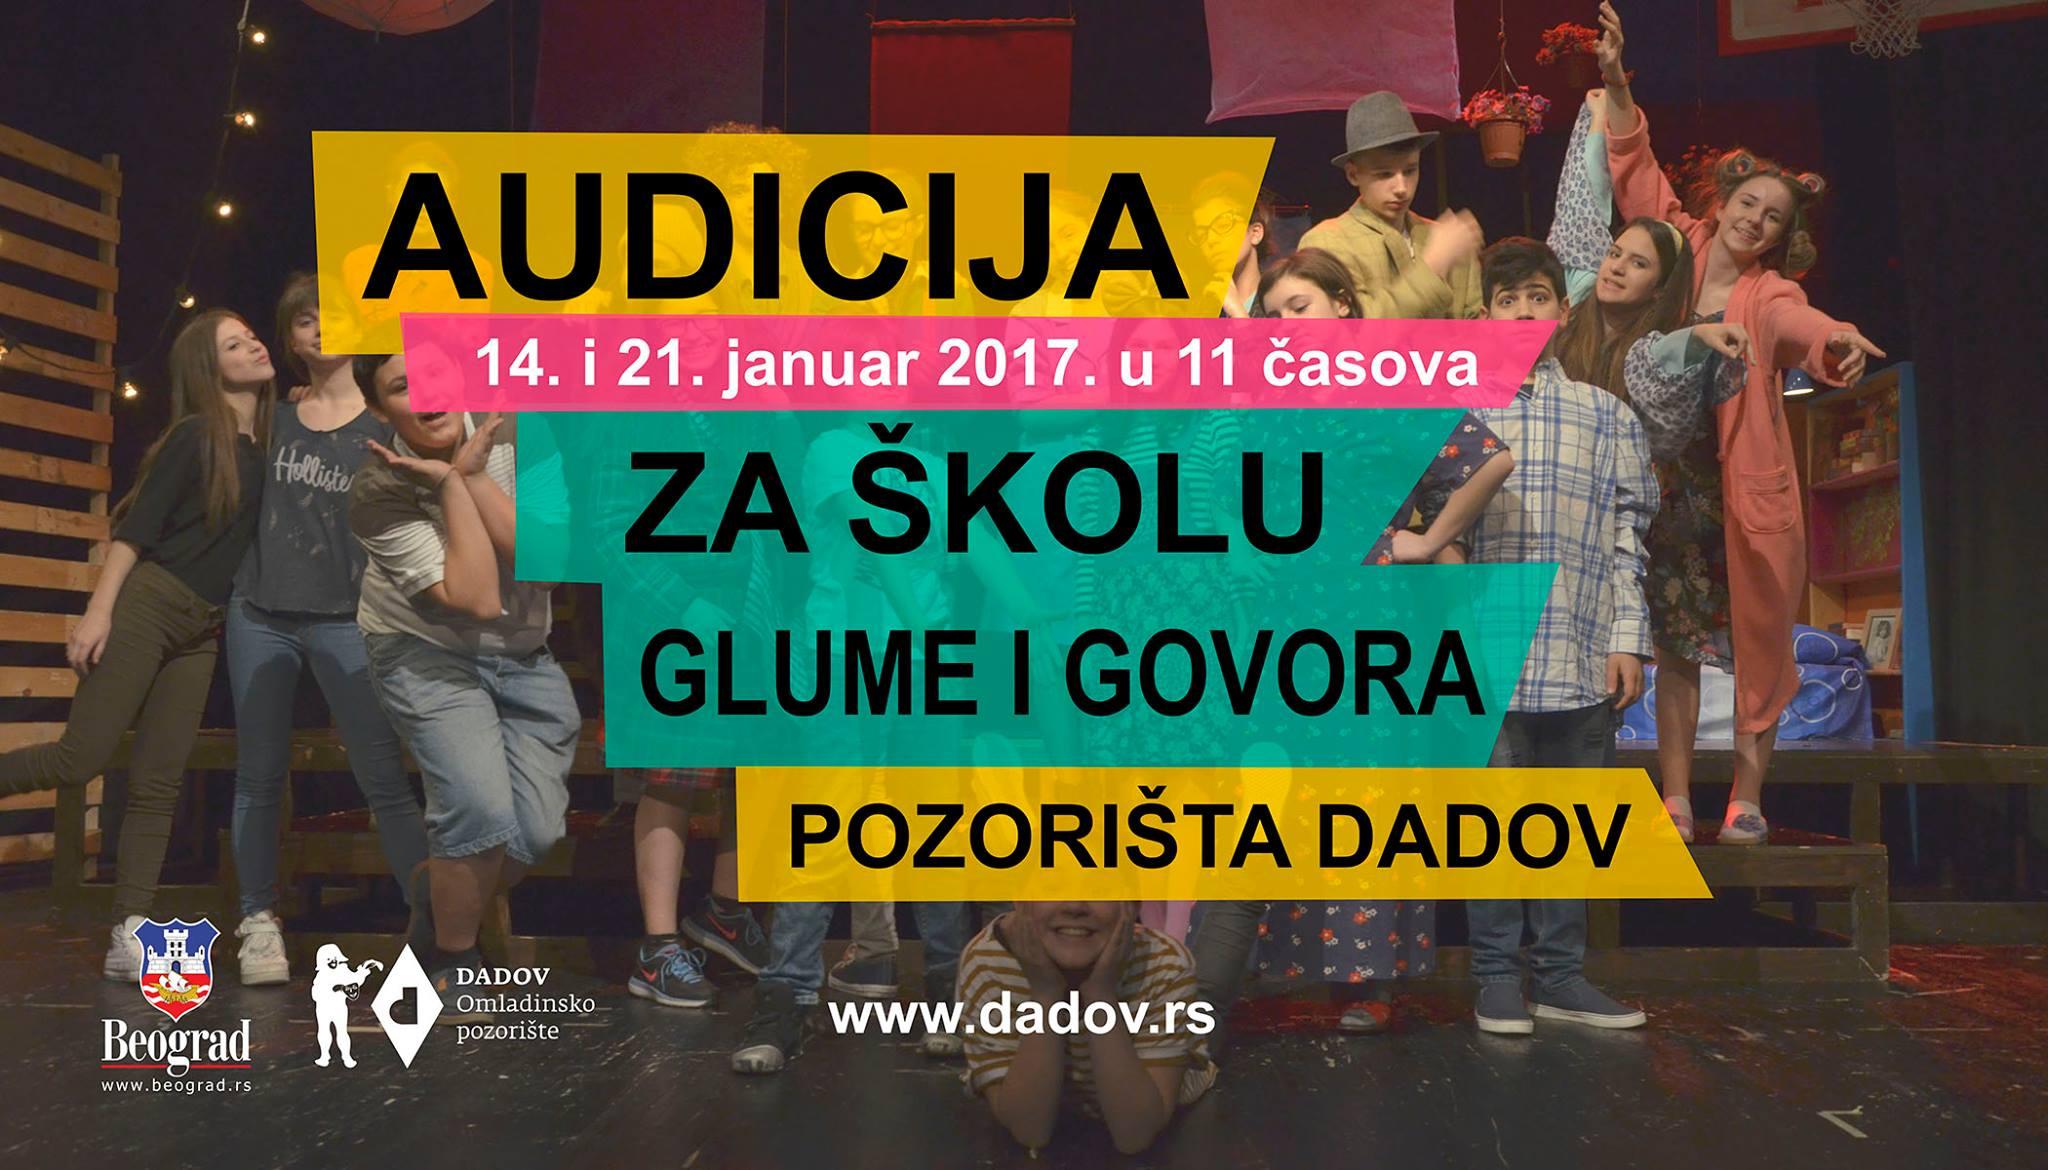 Dadov/Promo